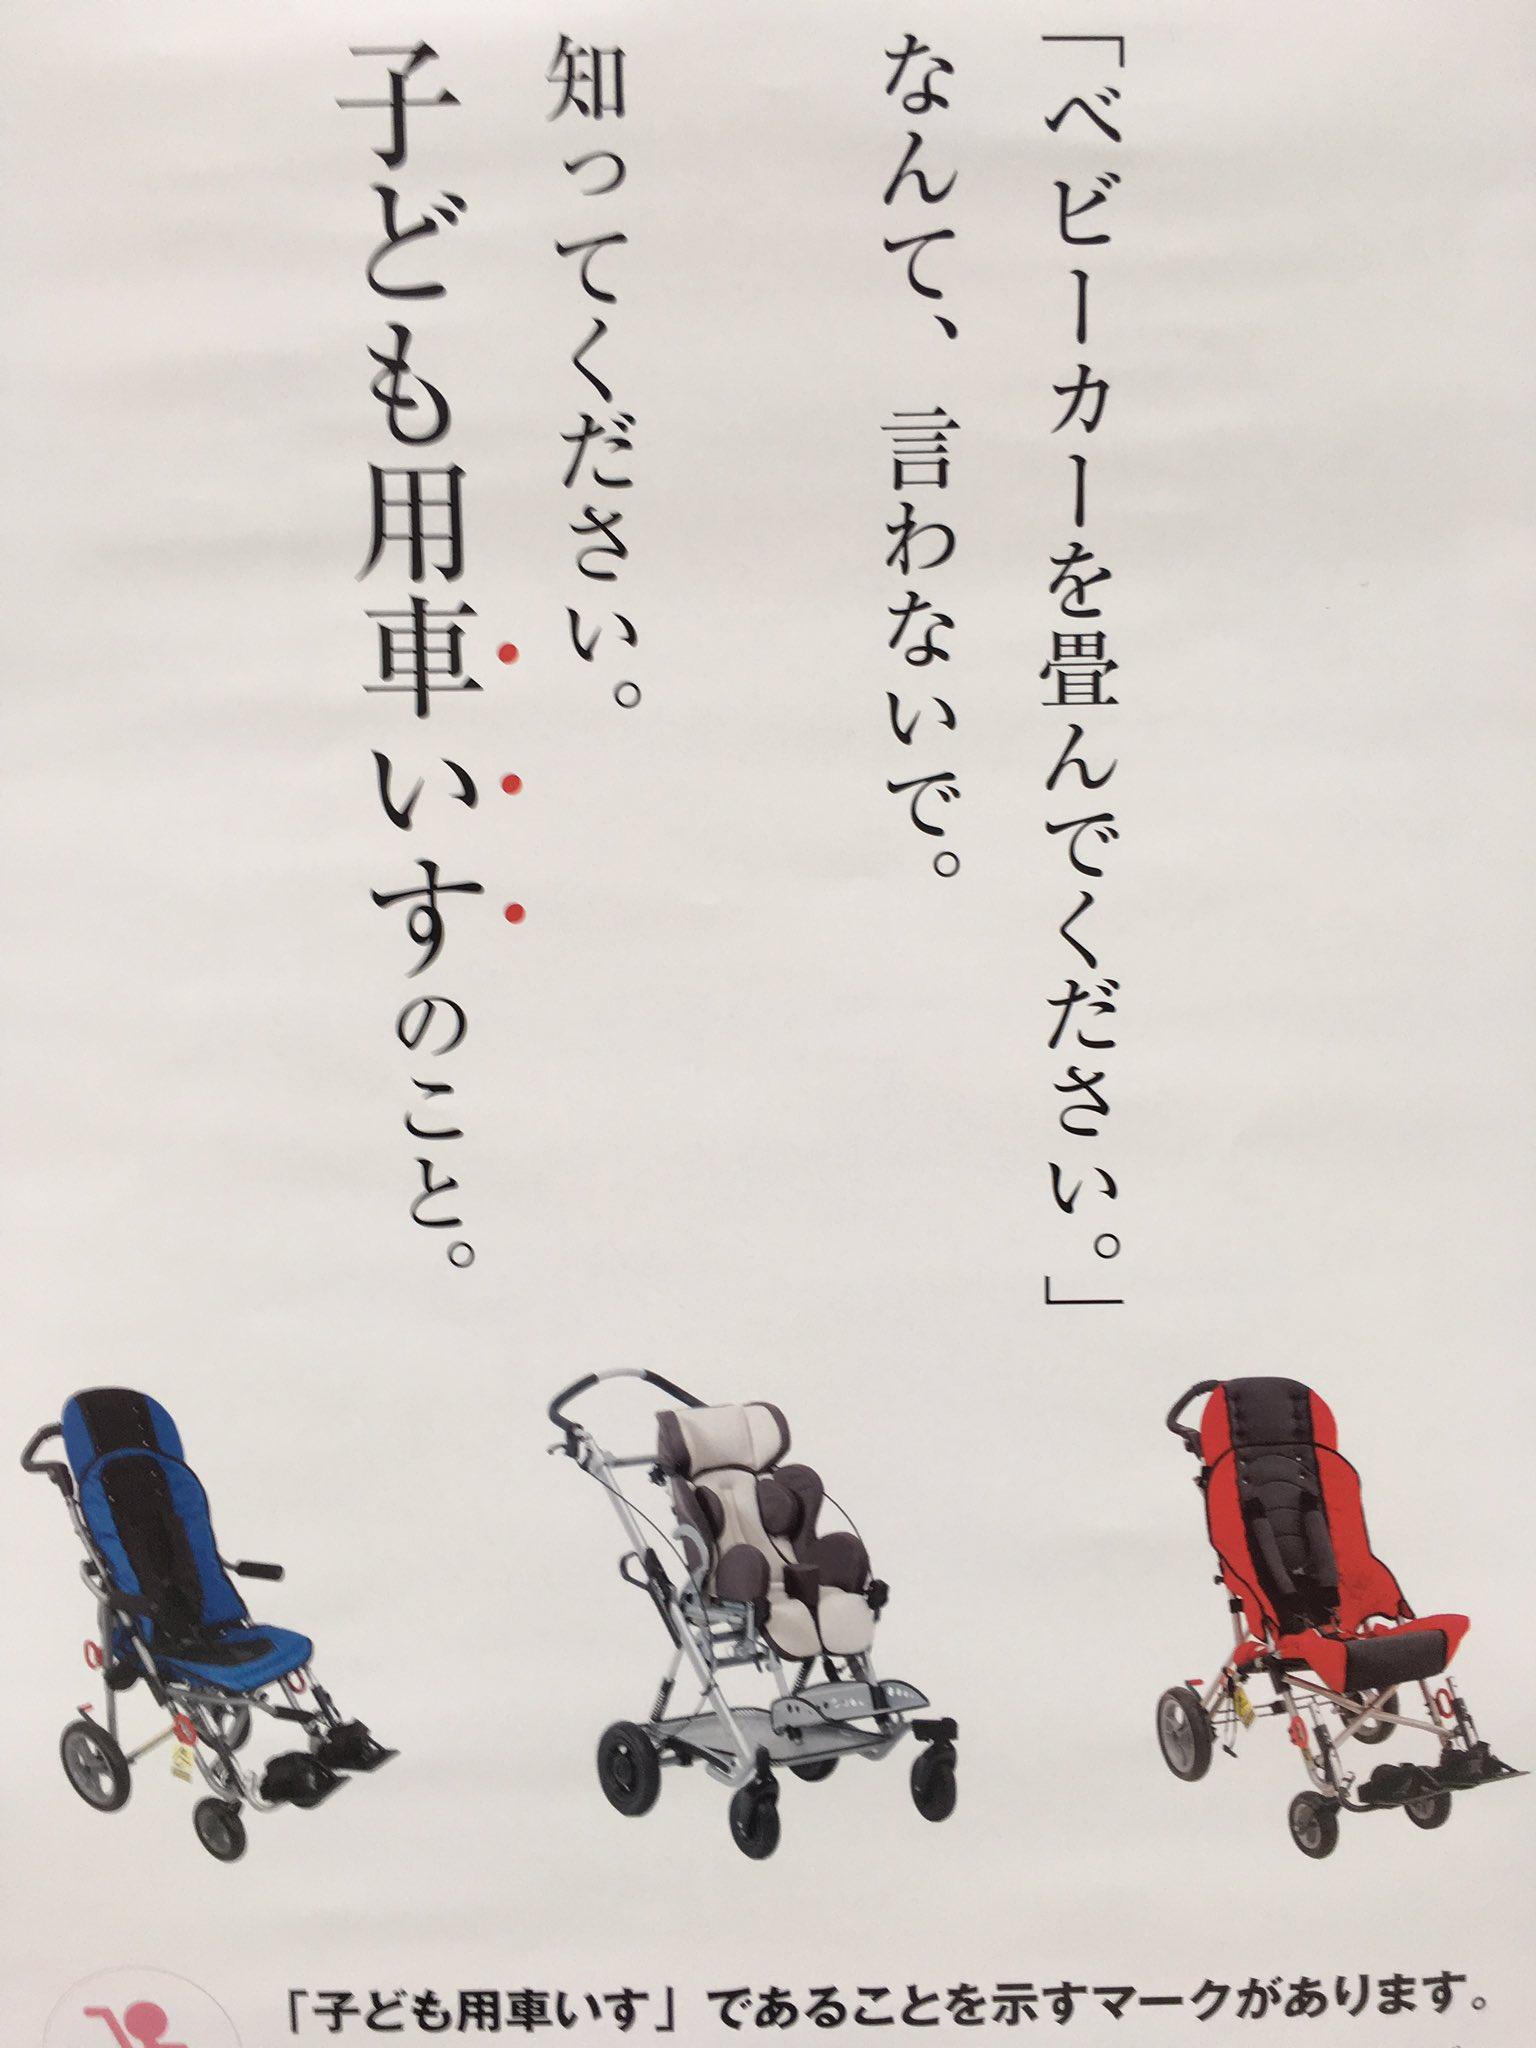 外来でお母さん達にこの話をふると必ず一度は言われた事ありますと。子供用車いすはベビーカーではない事を社会はもっと知るべき。